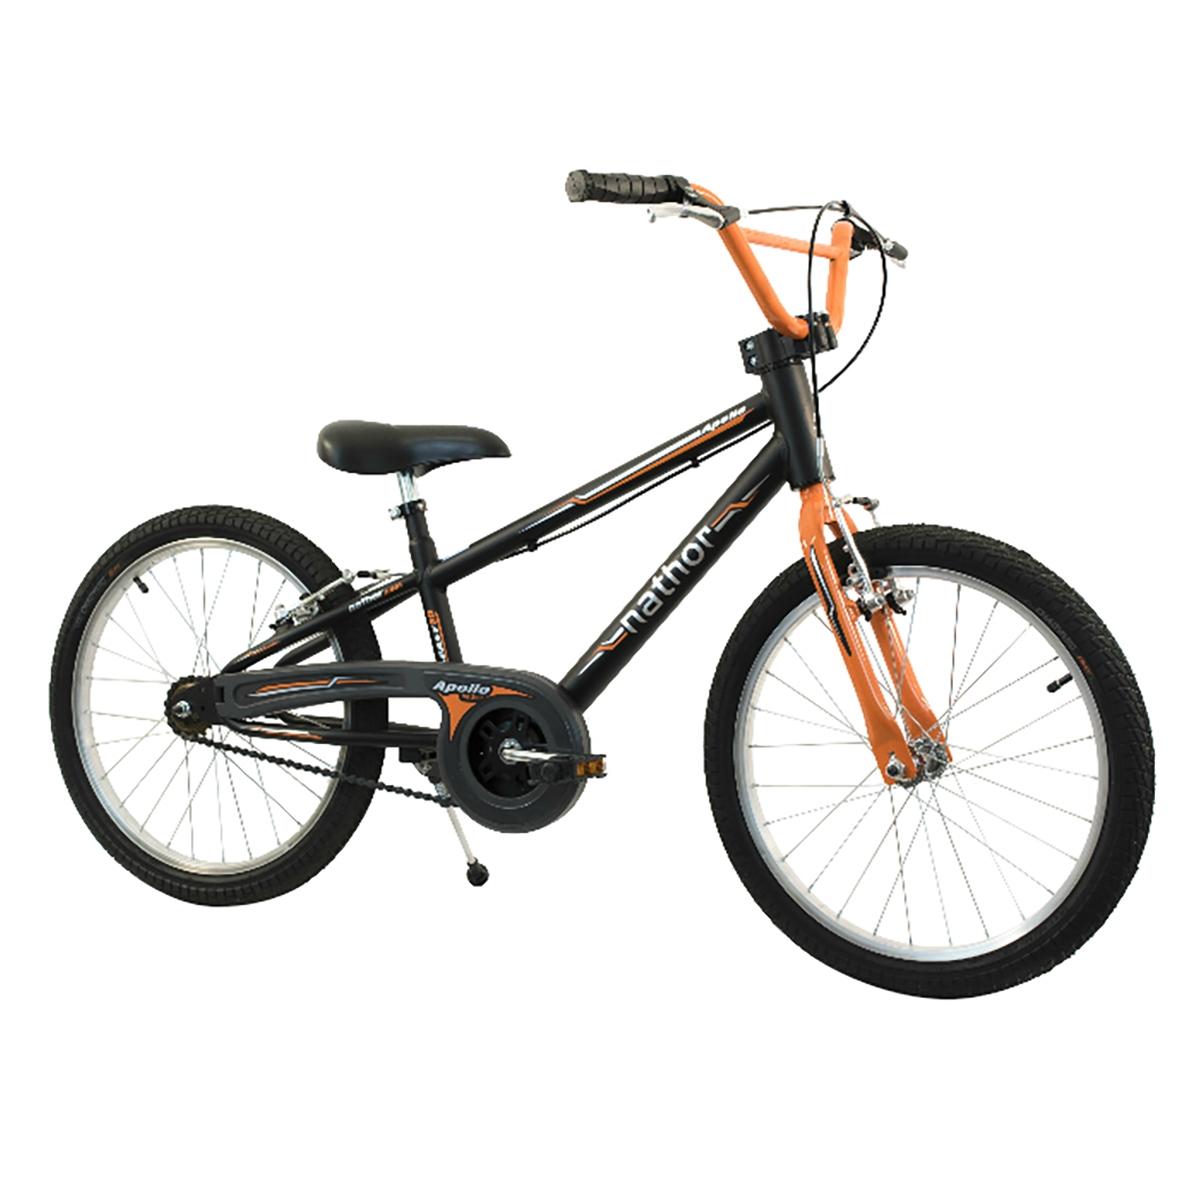 Bicicleta Infantil Aro 20 Nathor Apollo Com Pezinho Preta E Laranja